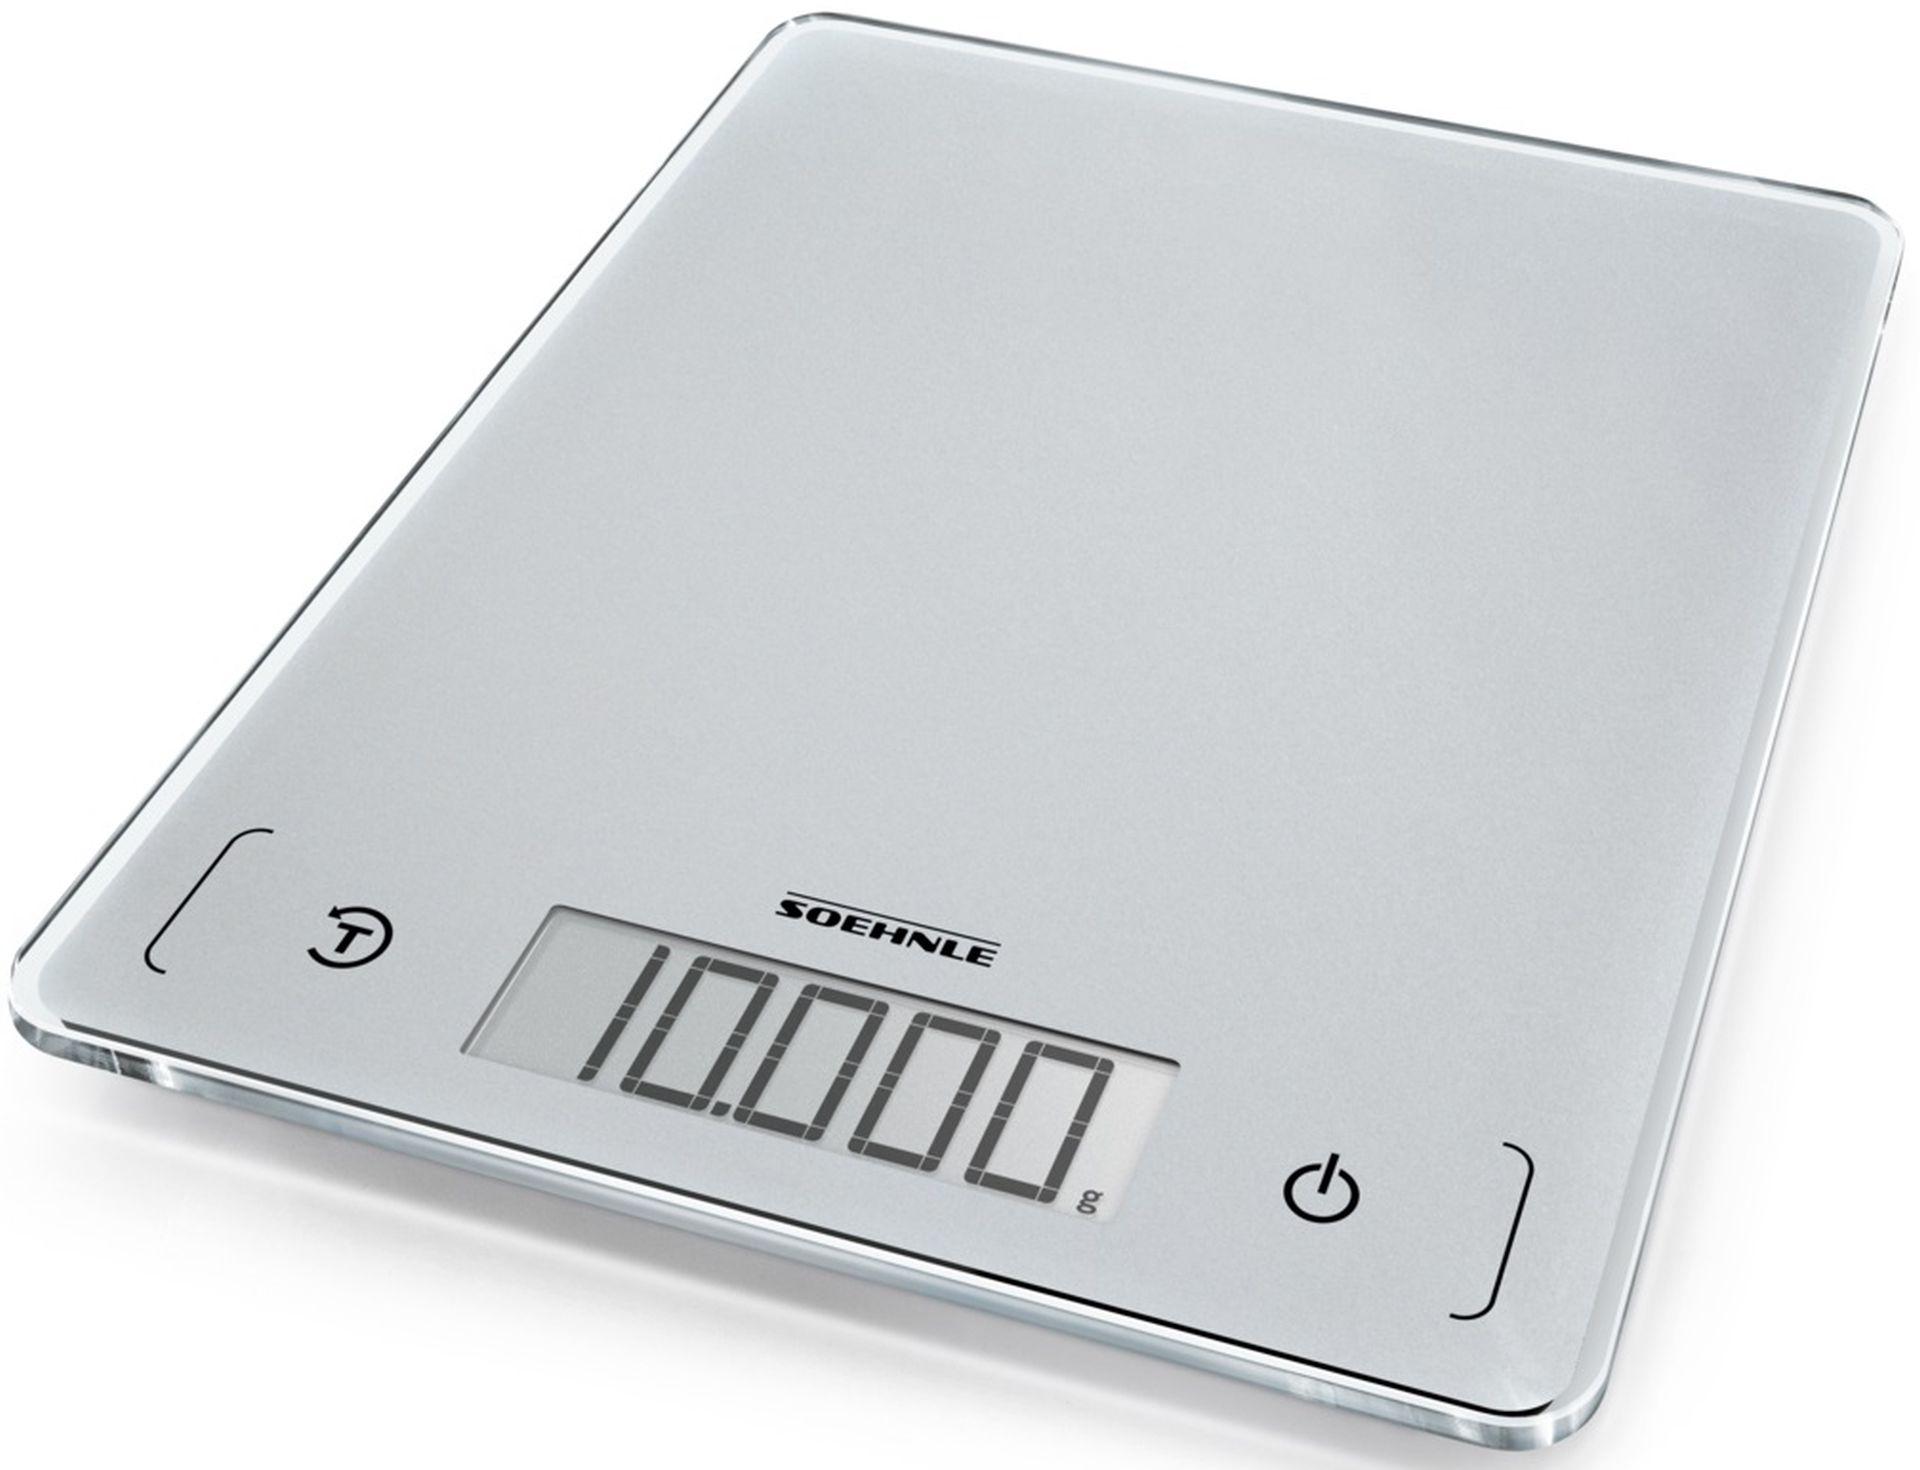 SOEHNLE Page Comfort 300 Slim Digitální kuchyňská váha 61504